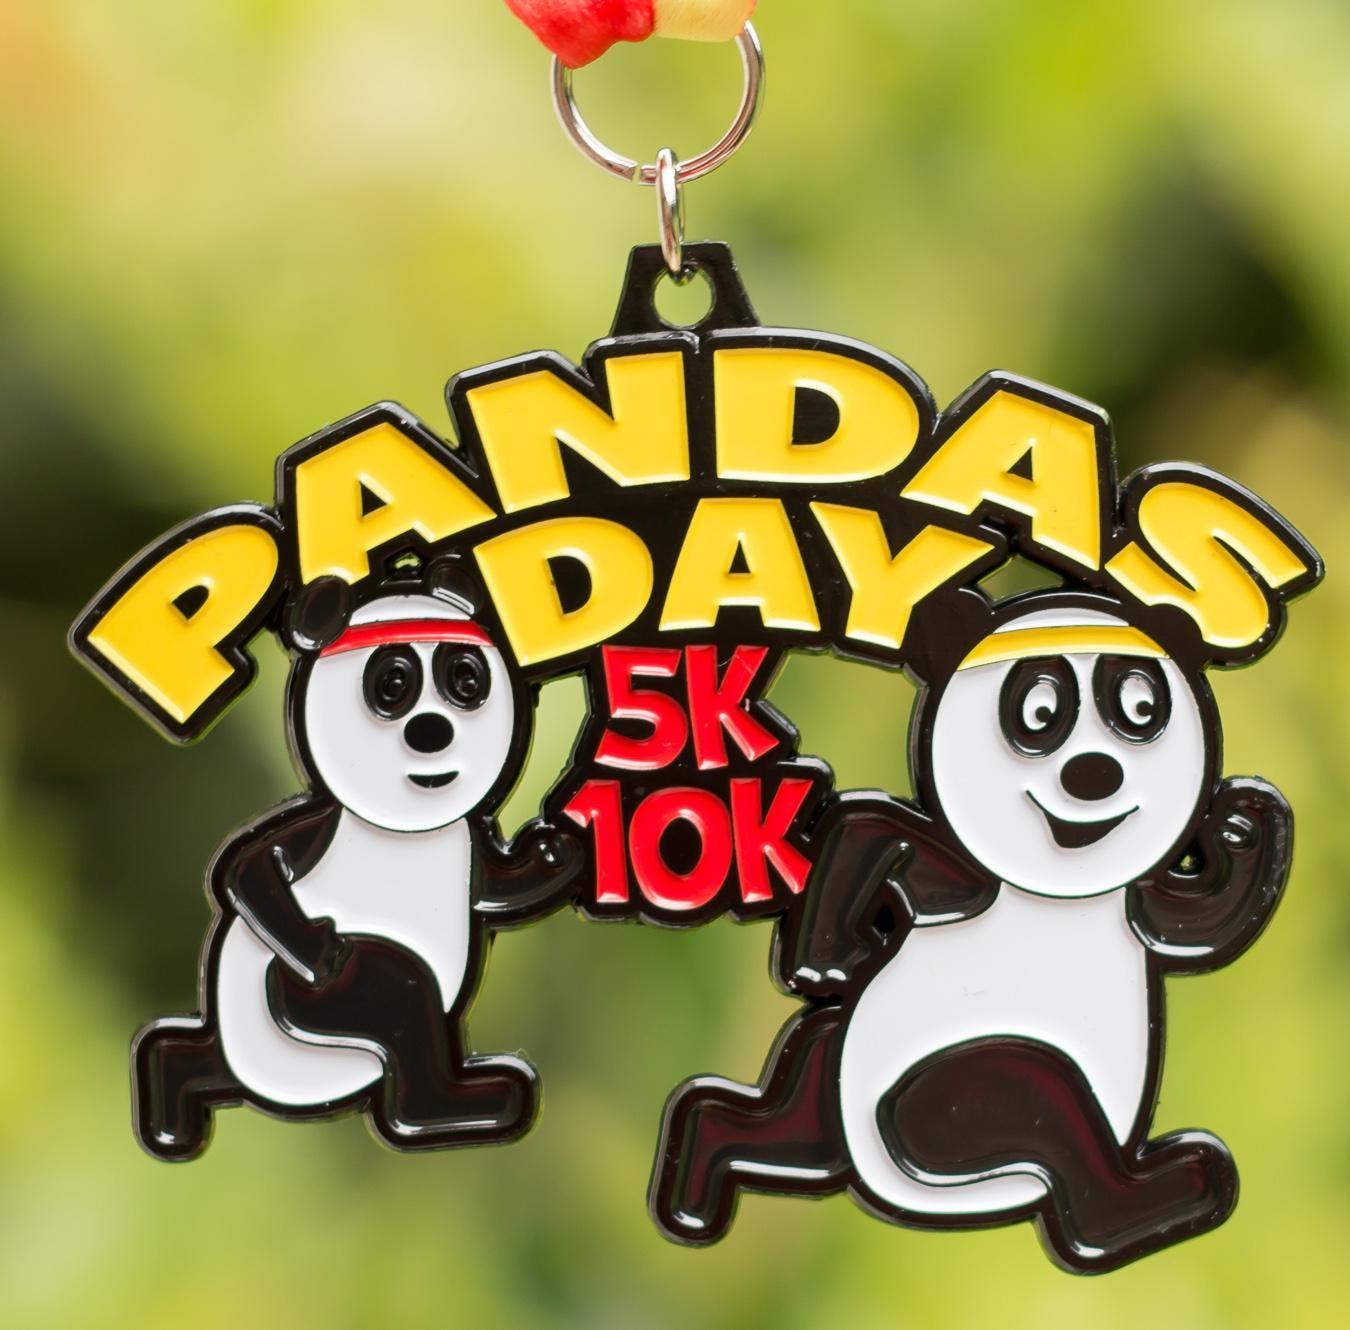 PANDAS Day 5K & 10K - Chandler